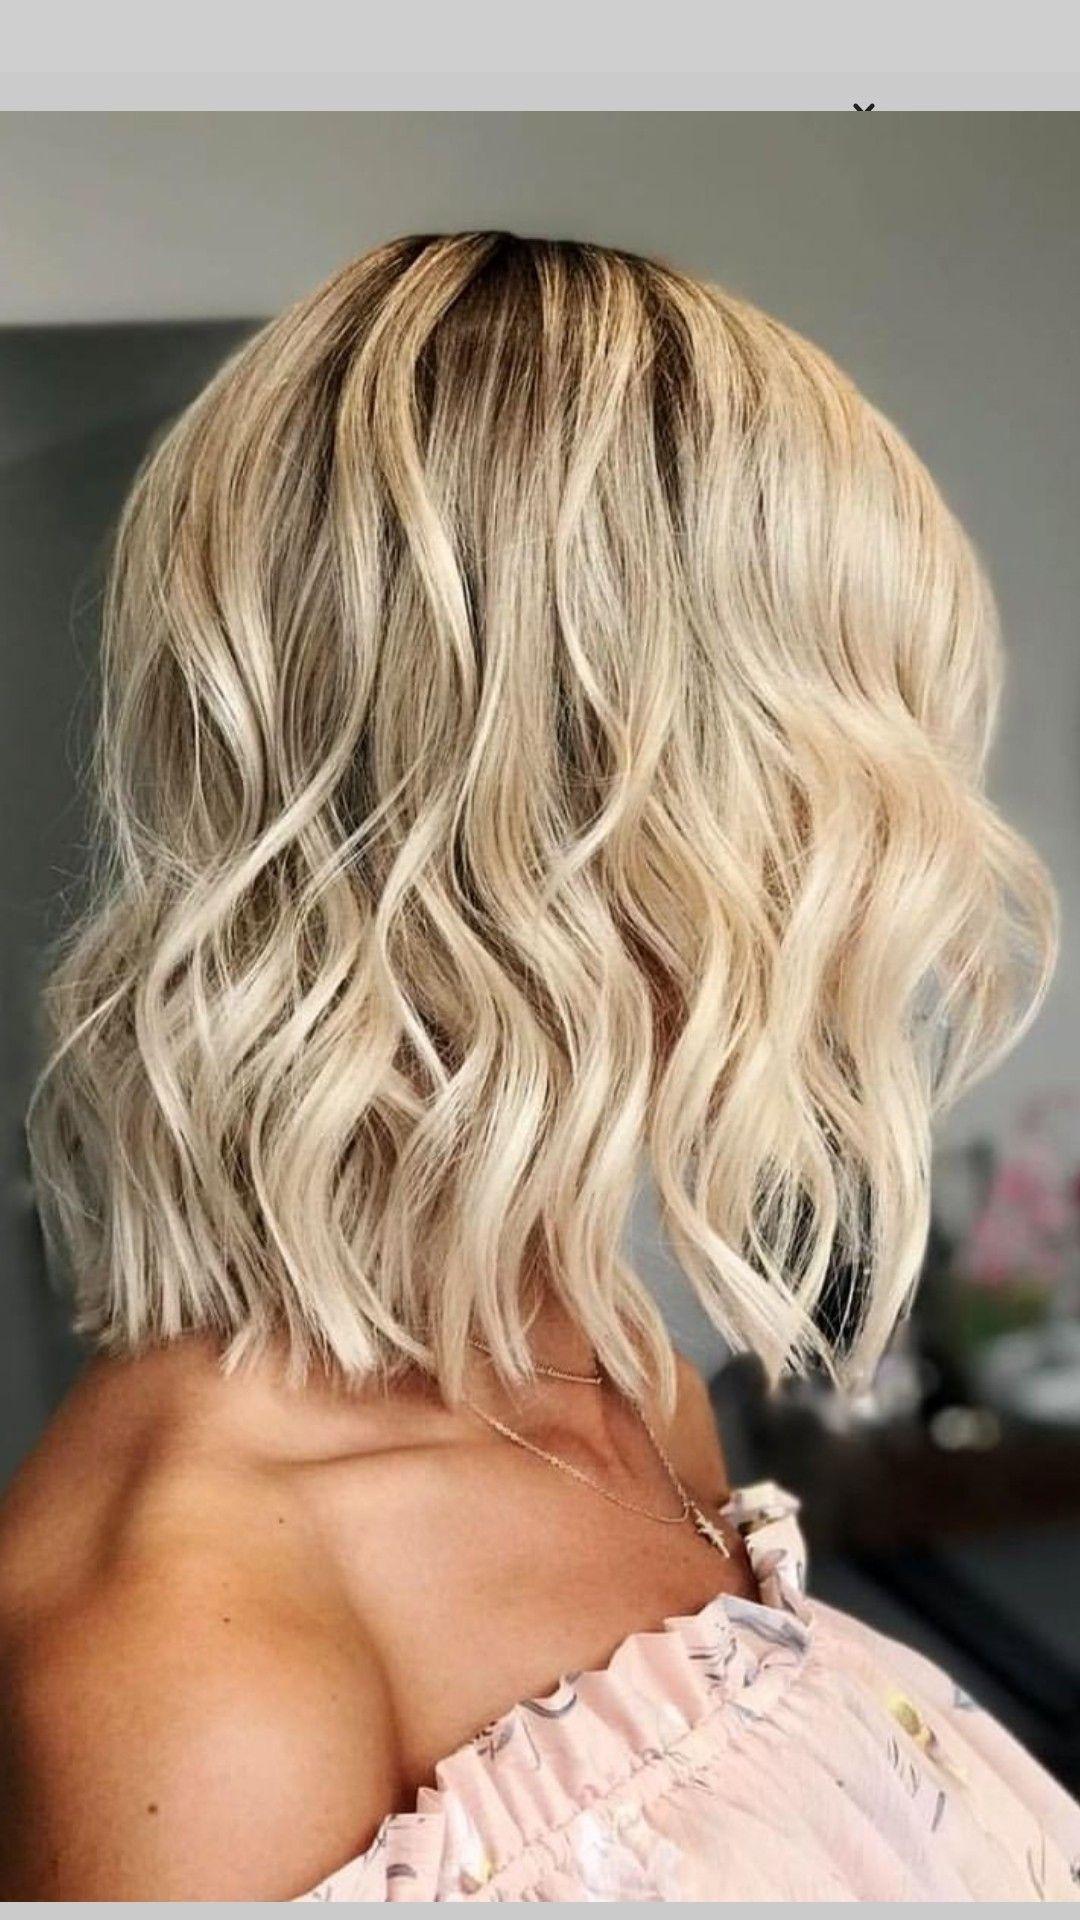 Cheveux Blond La Biosthetique Bordeaux Salon De Coiffure Cheveux Blond Cheveux